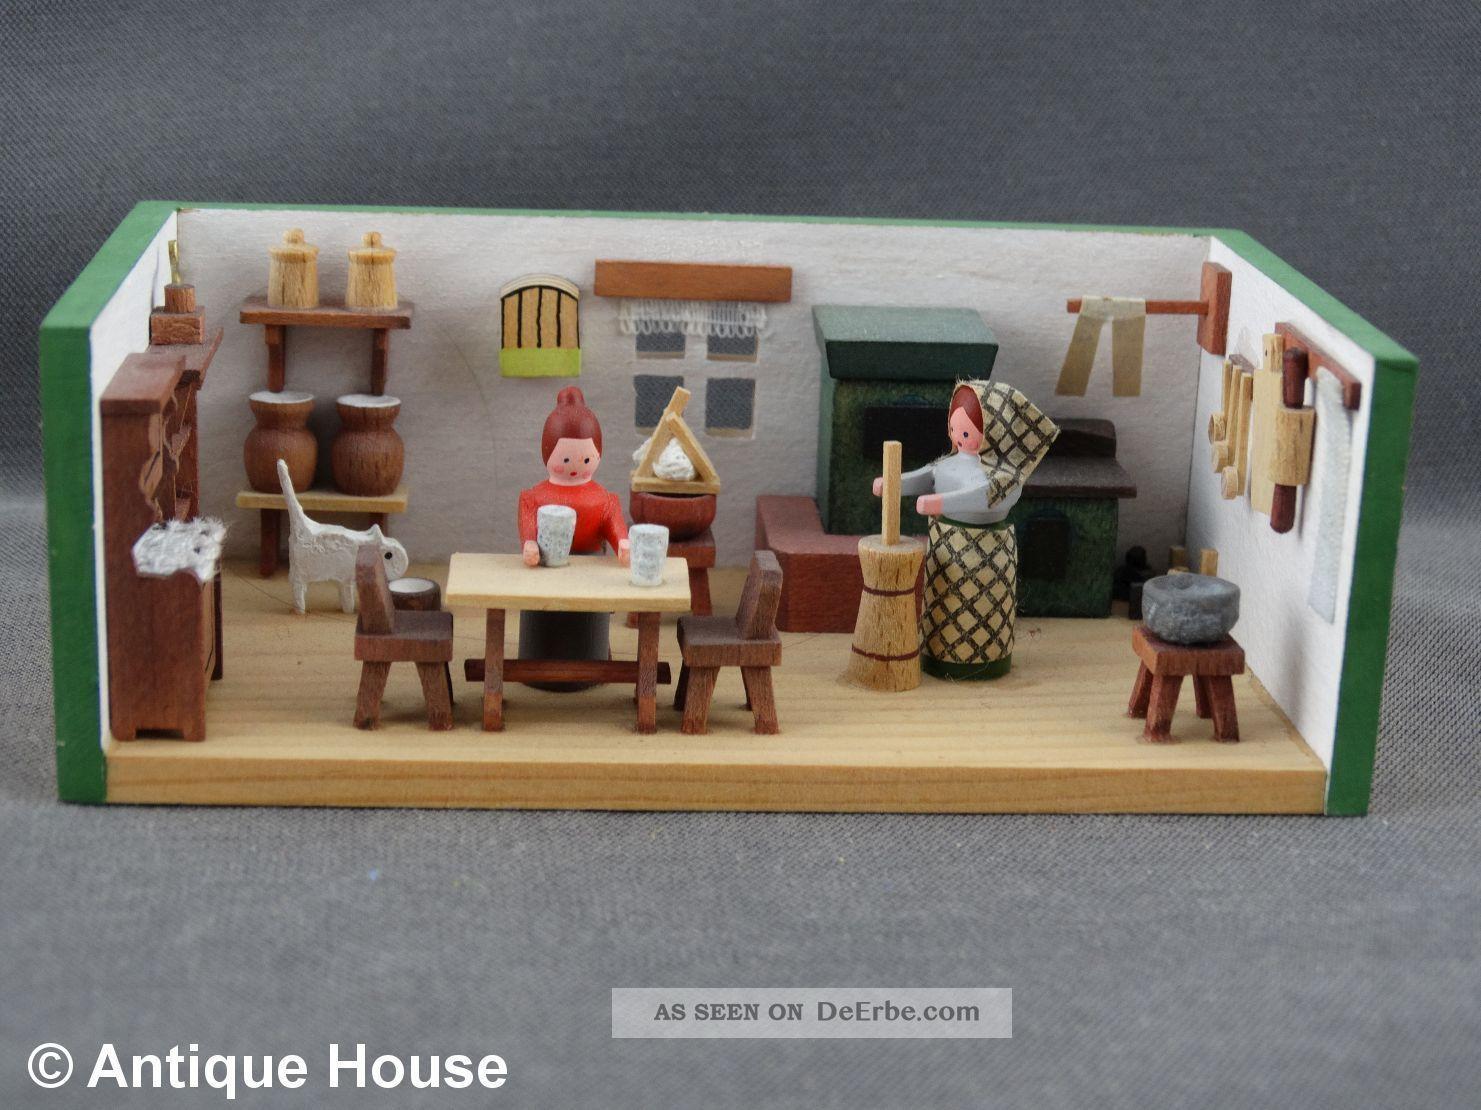 Erzgebirge Volkskunst Miniatur Dregeno Bauernstube Küche Butterfrau Objekte nach 1945 Bild